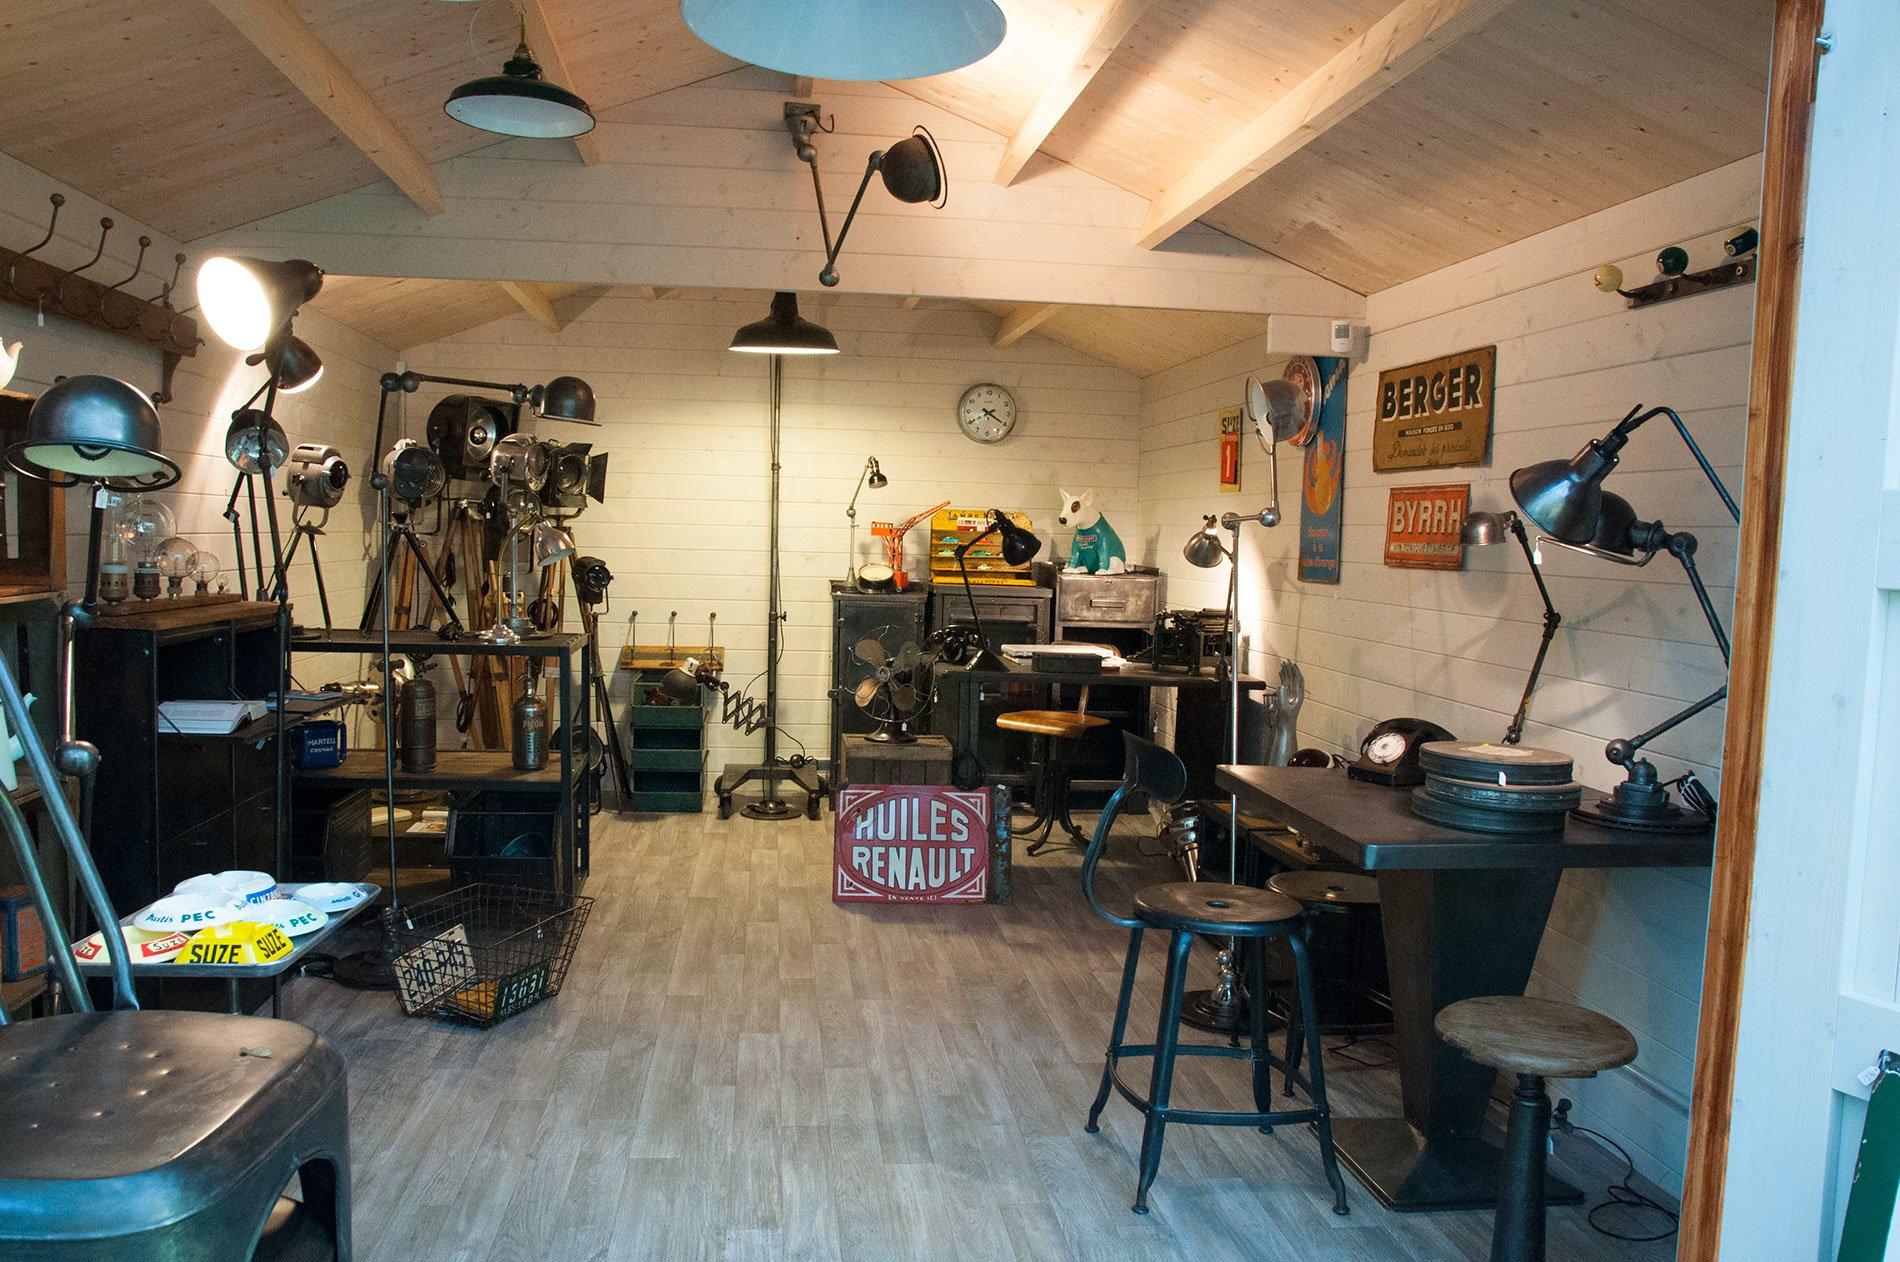 O'Range Metalic, atelier de mobilier industriel et brocante à Bievres - 22 v'la Scarlett